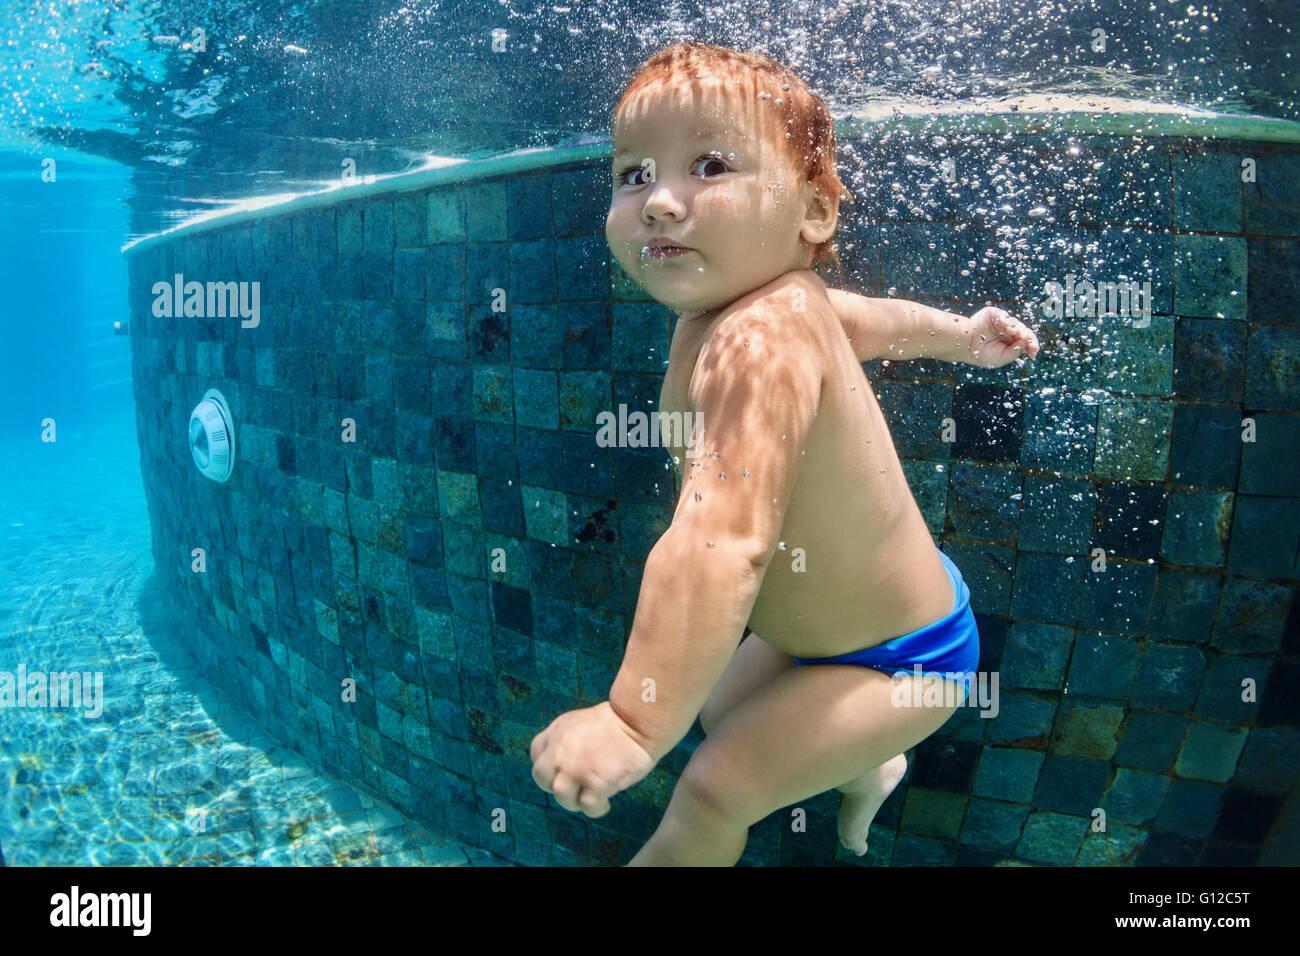 Funny foto di active Baby nuoto e immersioni in piscina con divertimento - jump Deep down subacquei con schizzi Immagini Stock